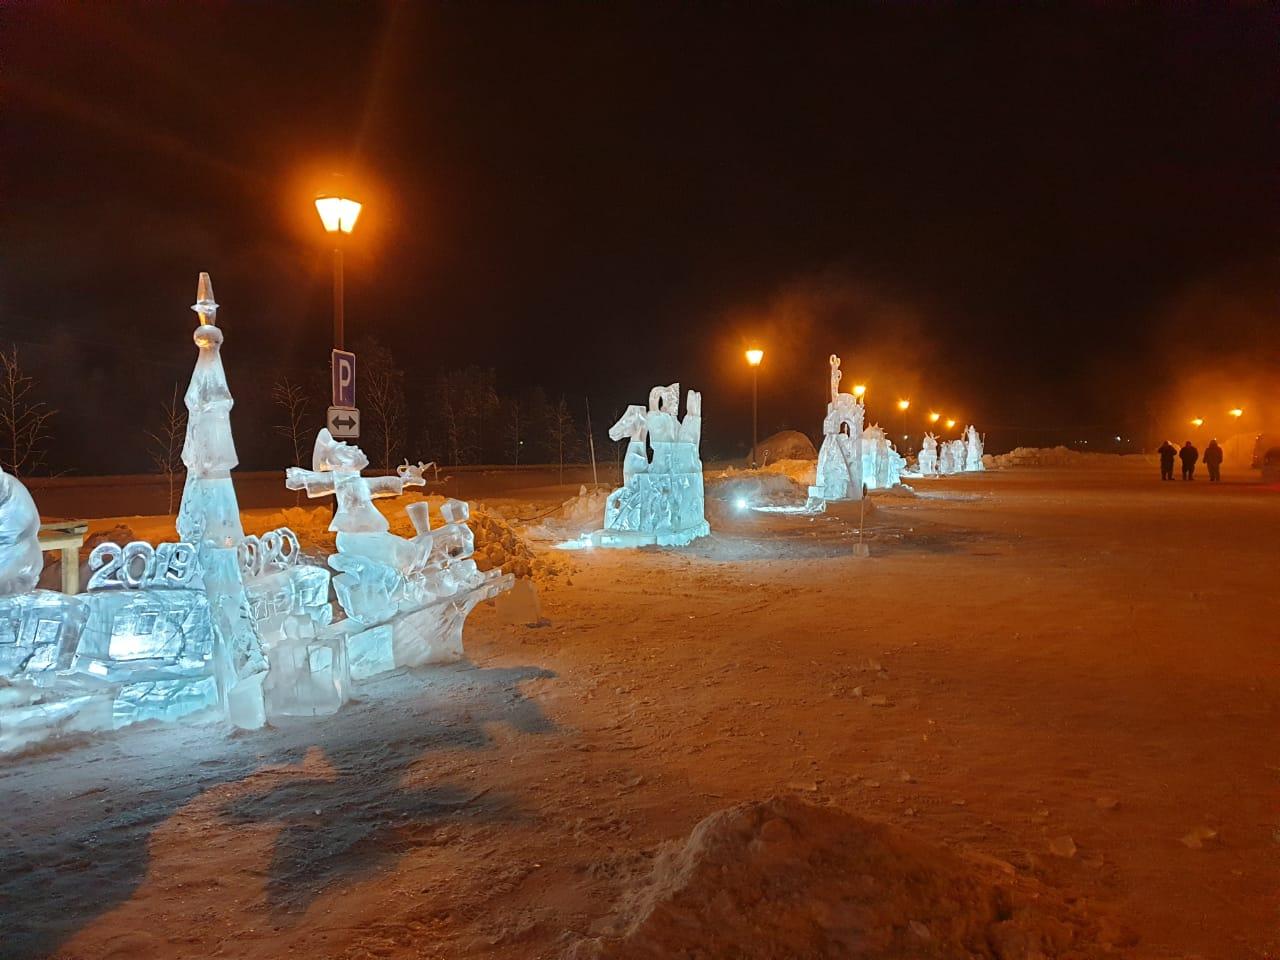 Акционерная компания «Железные дороги Якутии» объявляет конкурс ледовых скульптур «Новогодняя фантазия» в Нижнем Бестяхе